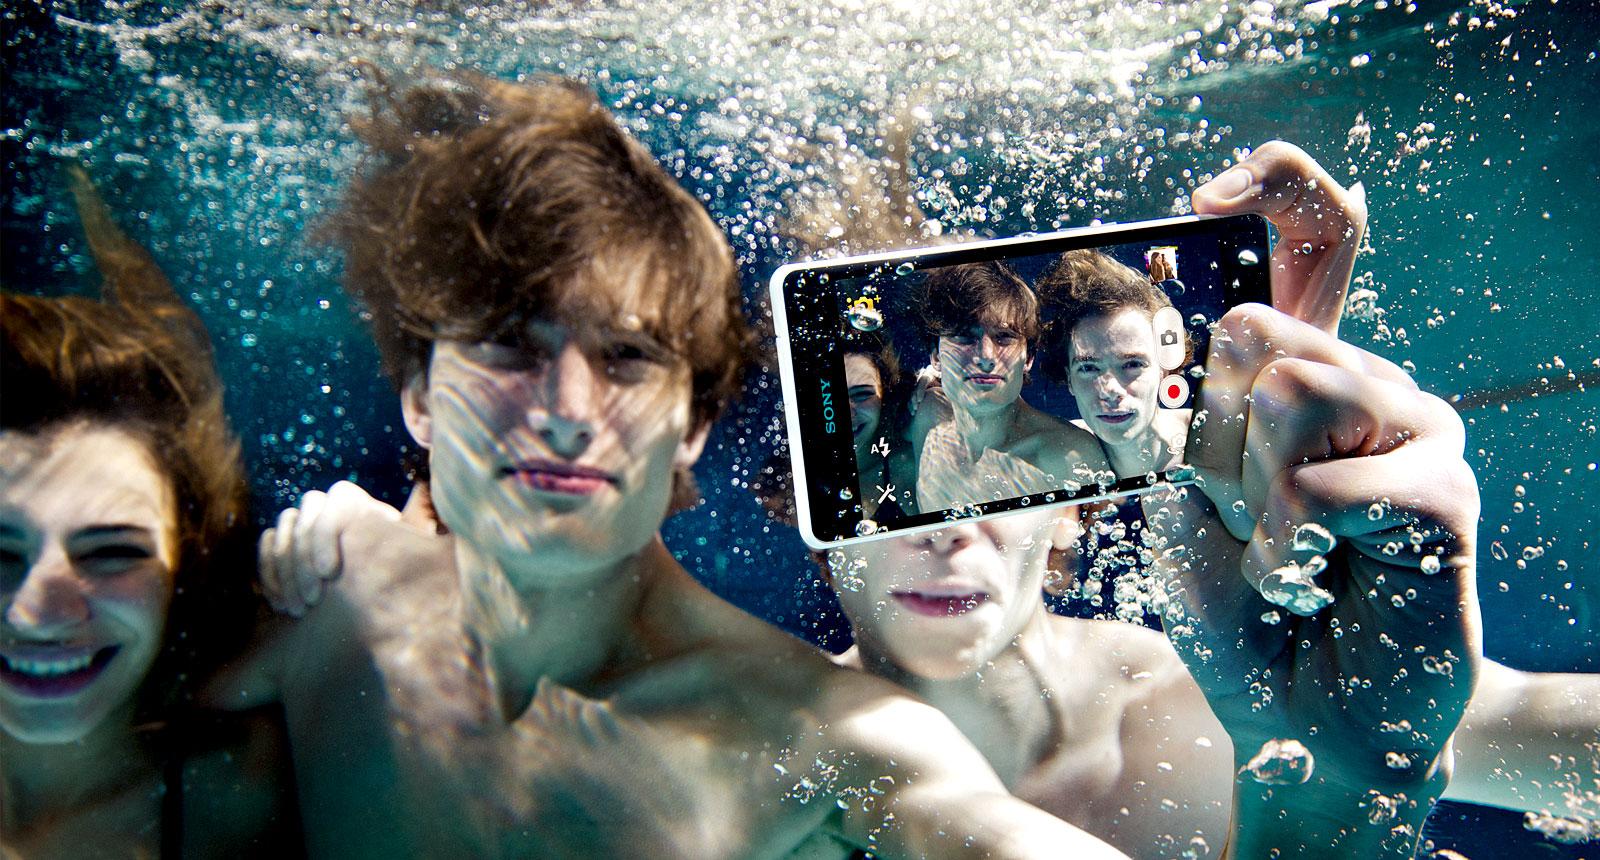 ... Xperia ZR , un smartphone étanche capable de filmer en Full HD sous l